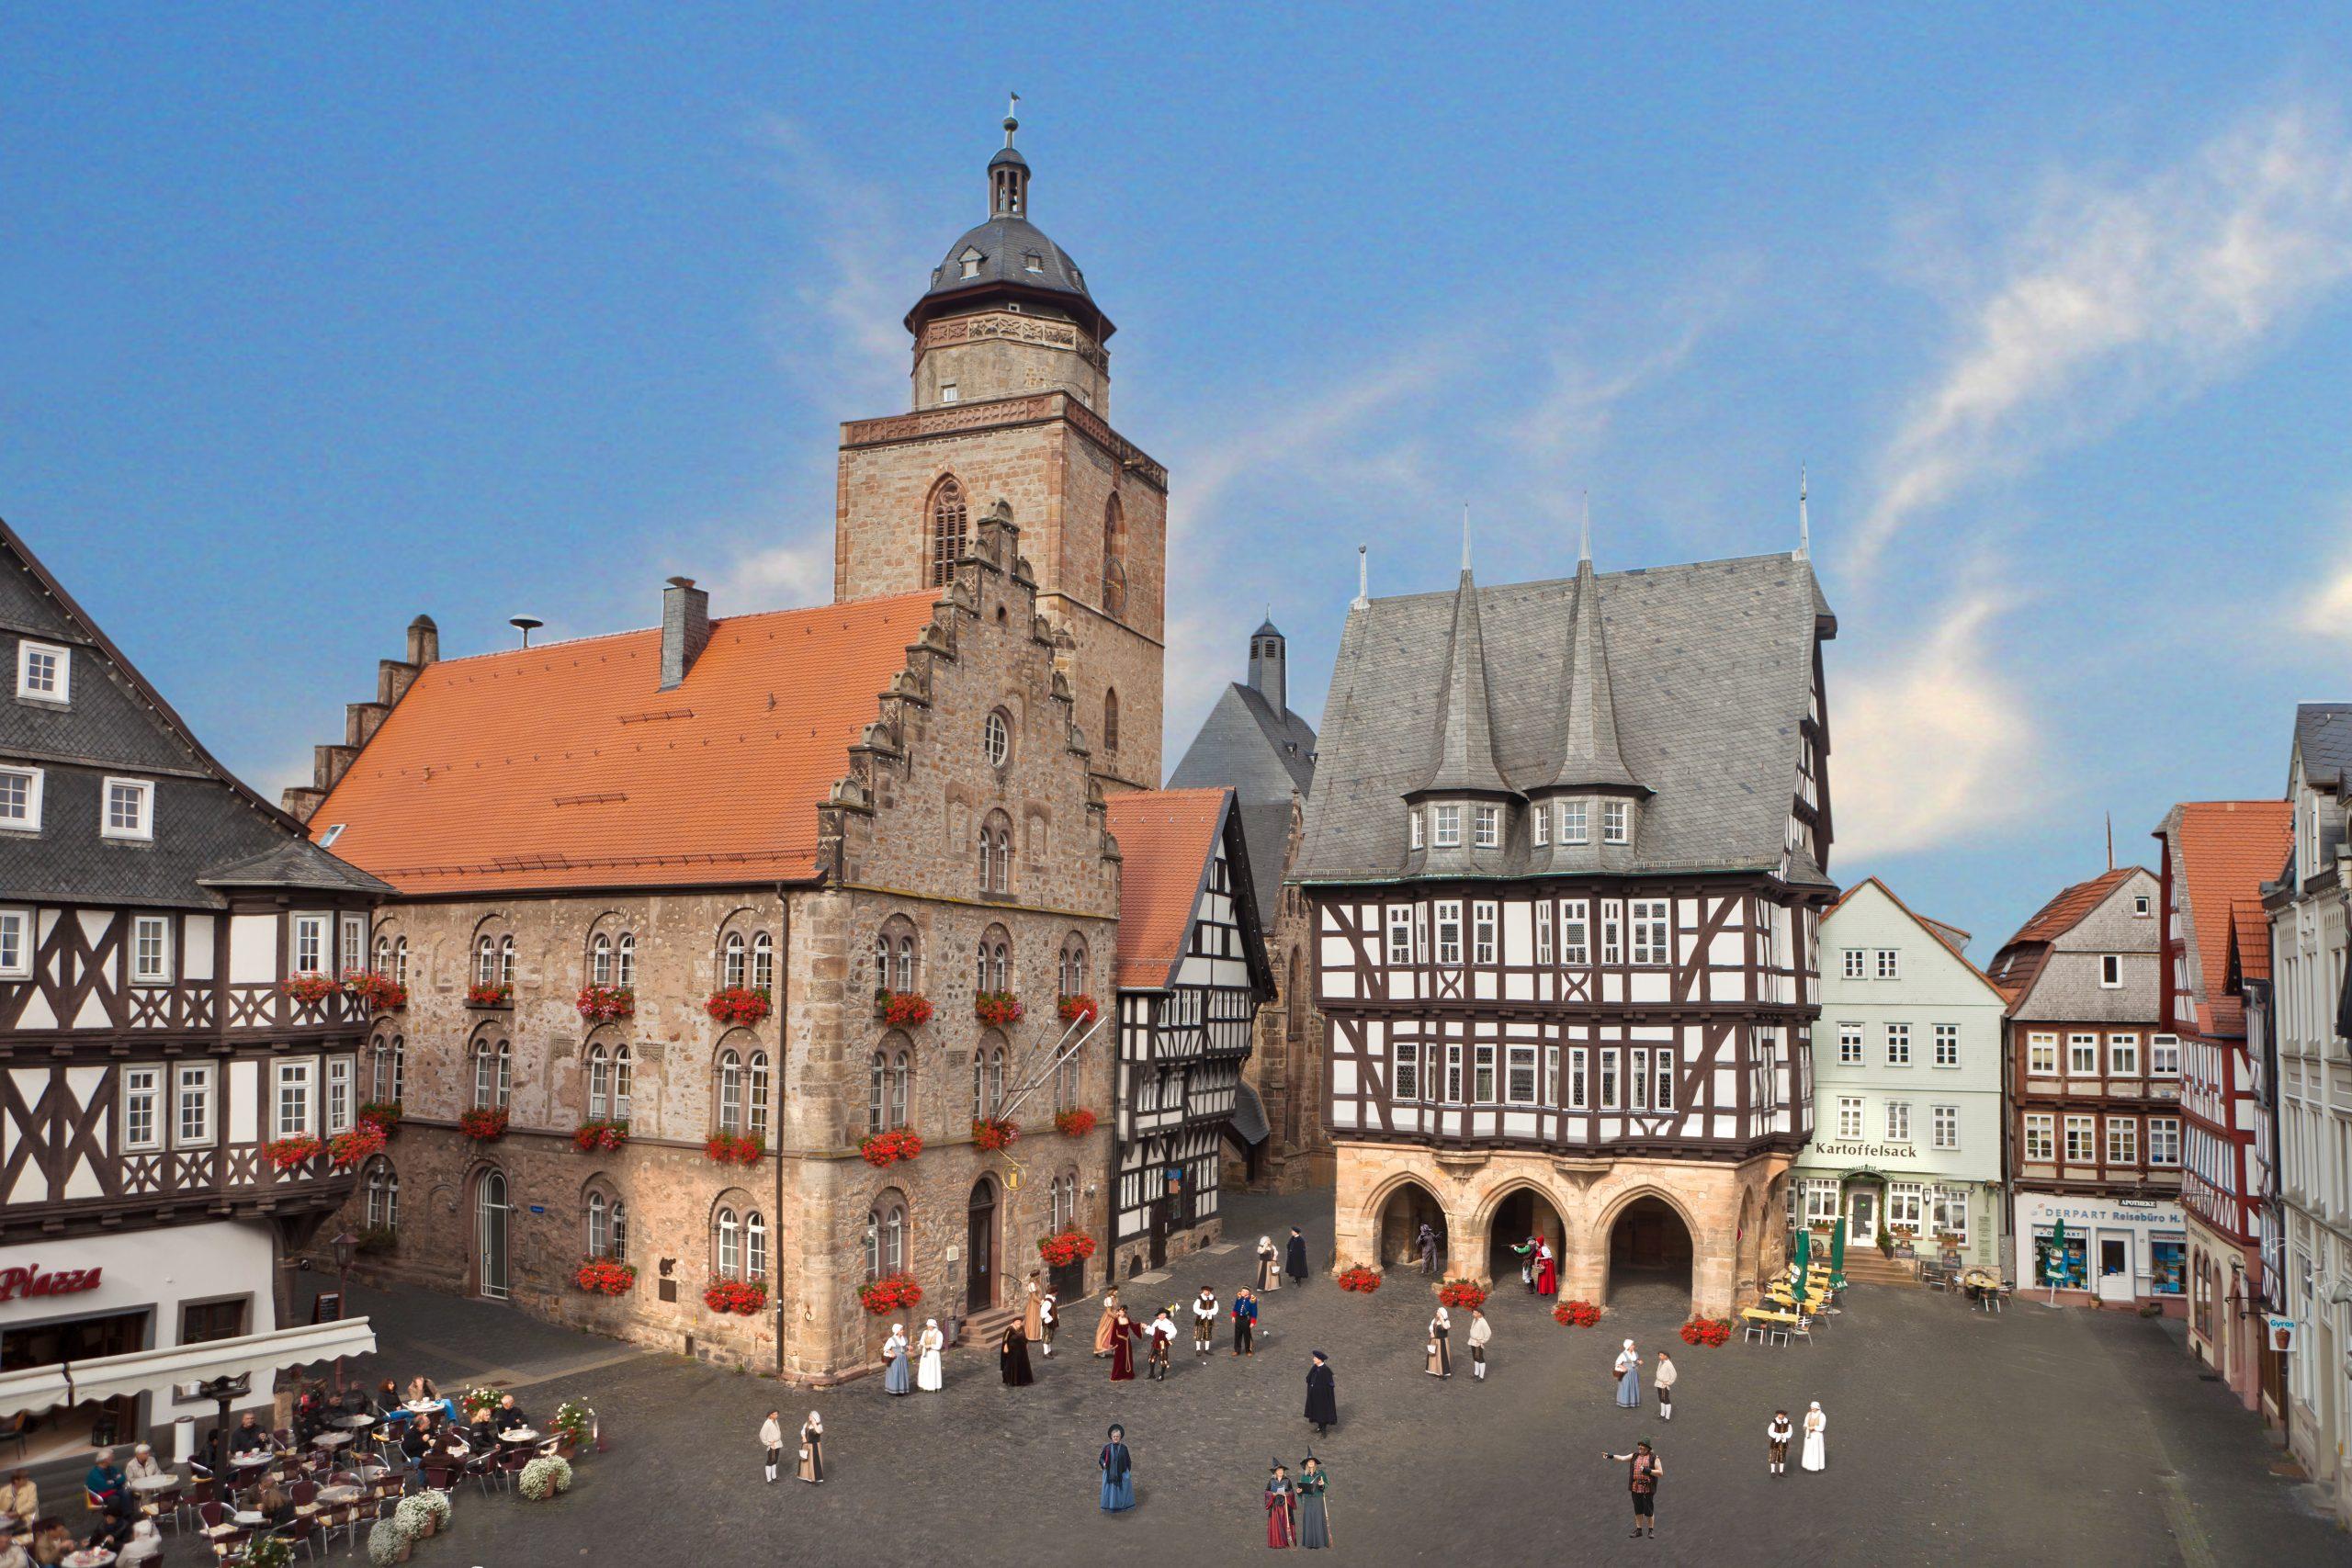 Alsfeld in Hessen: Rathaus am Marktplatz